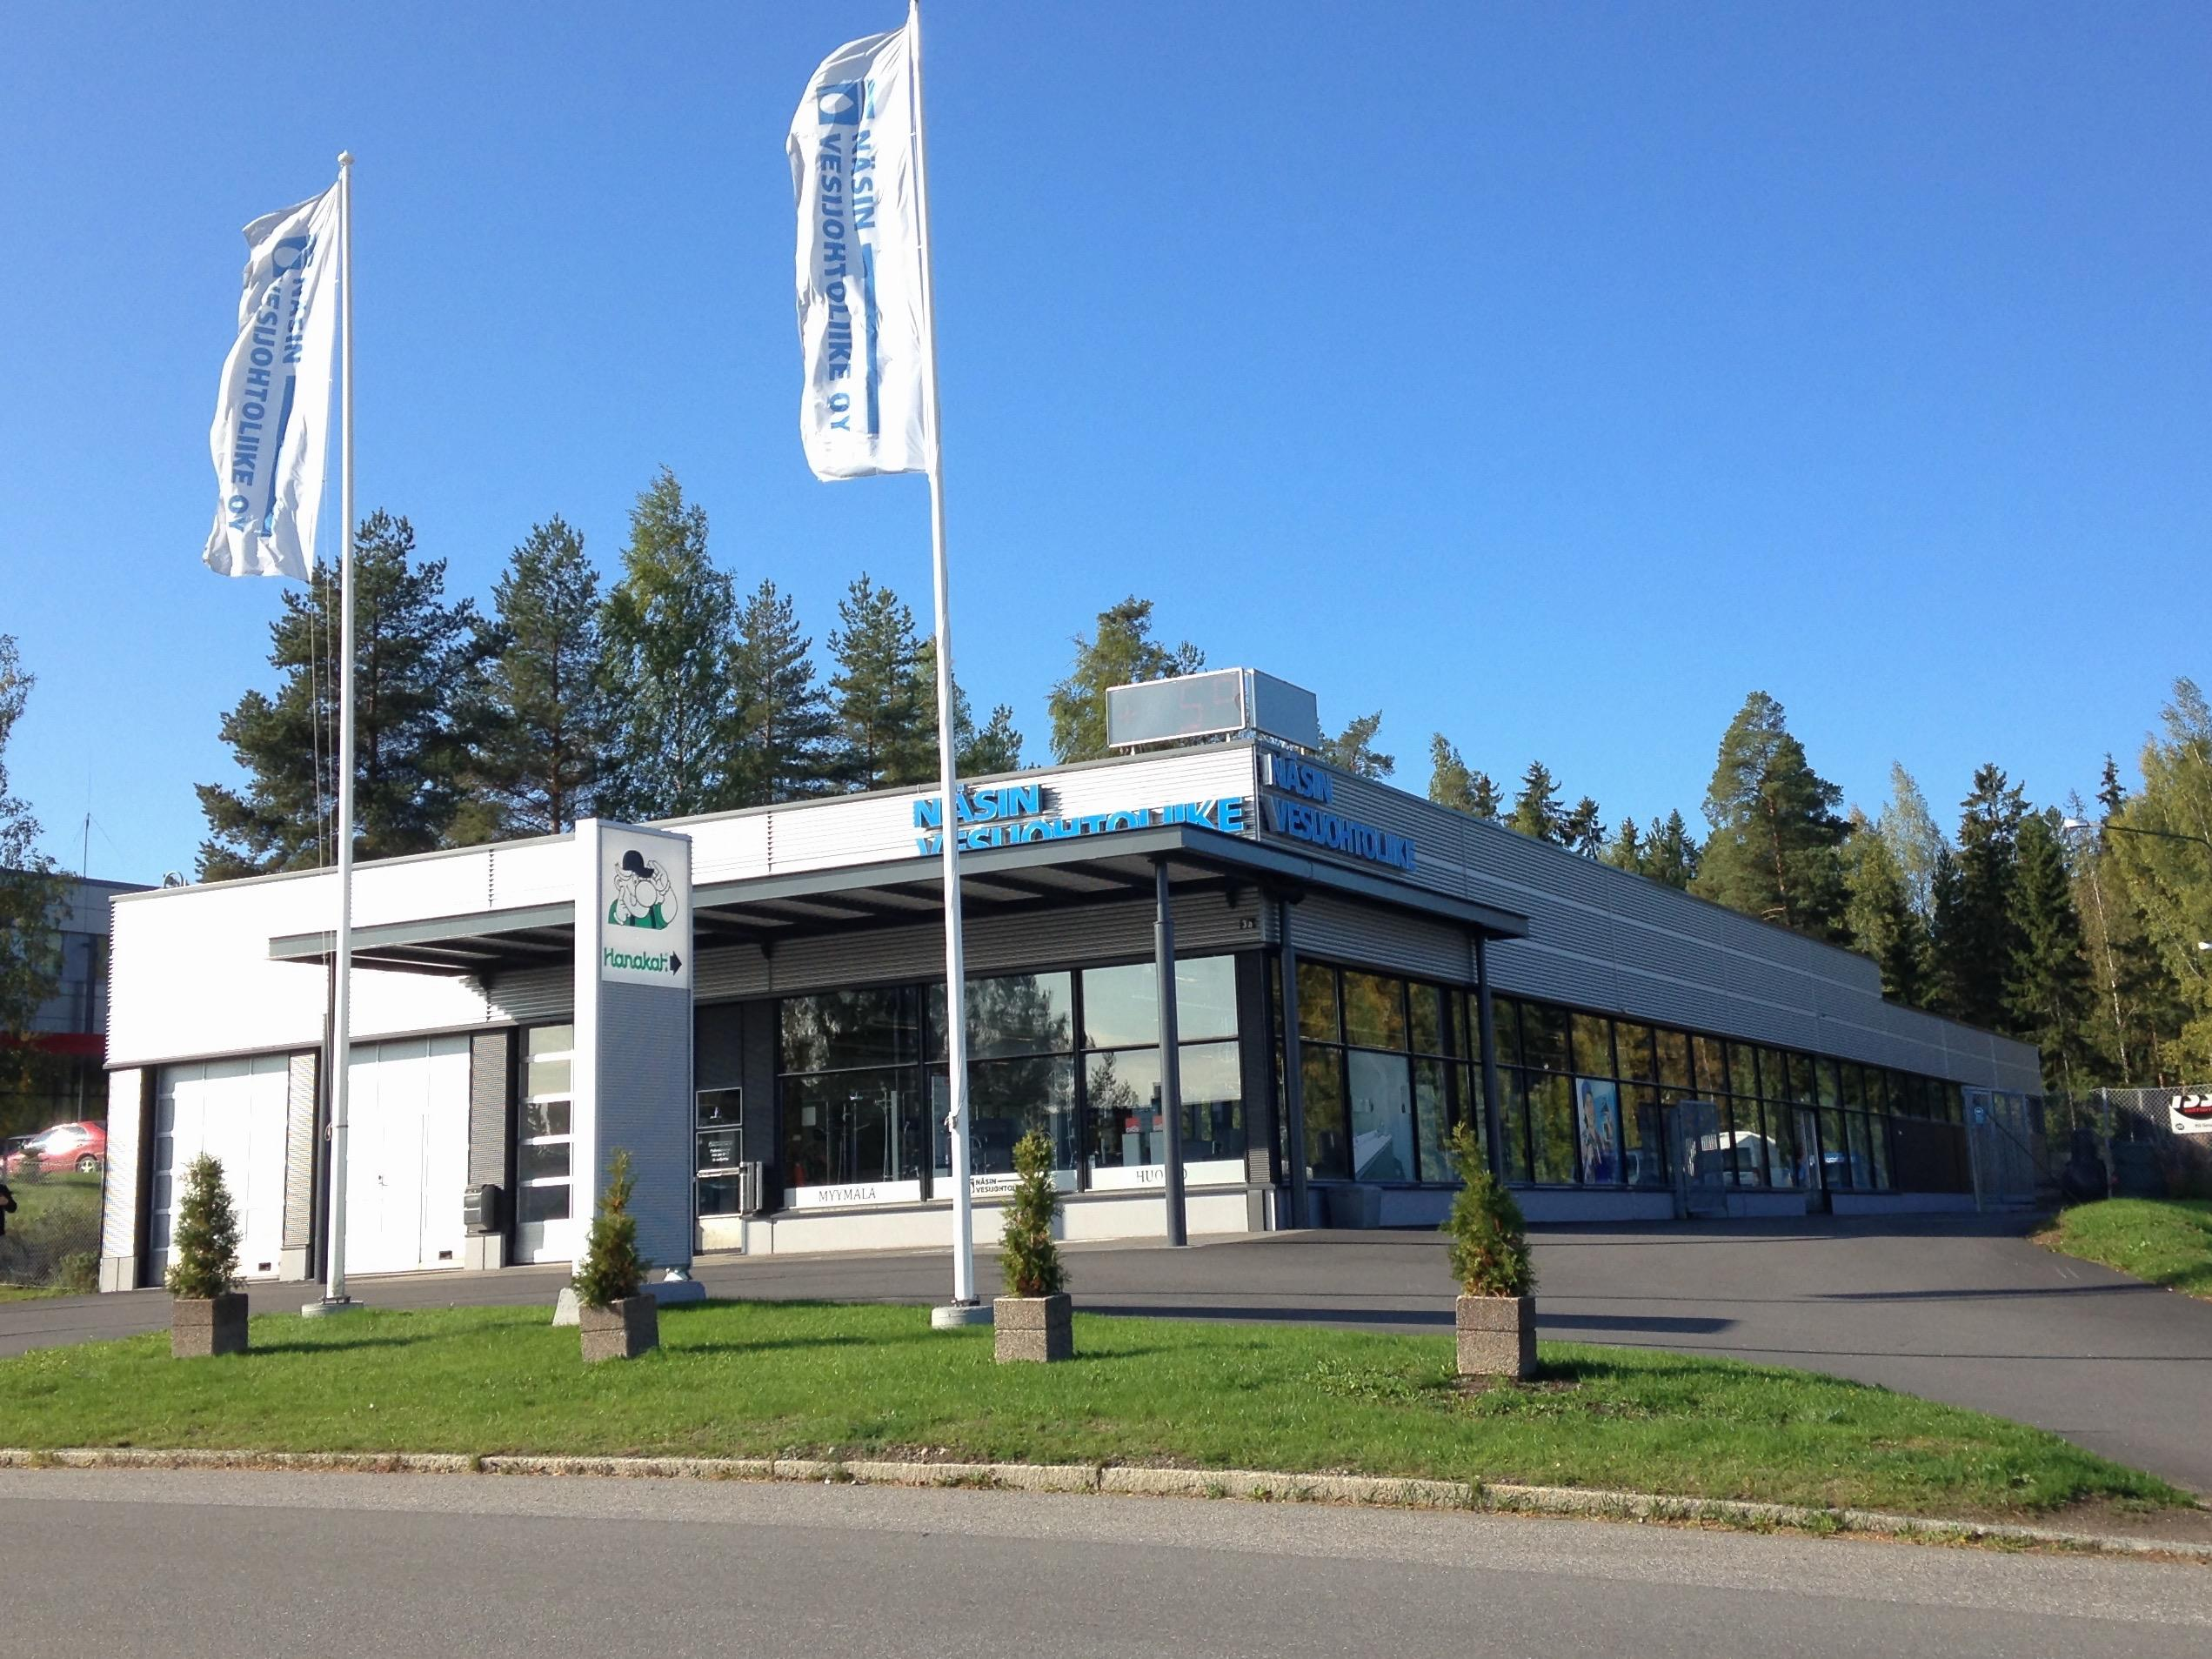 Näsin Vesijohtoliike Oy, Tampere